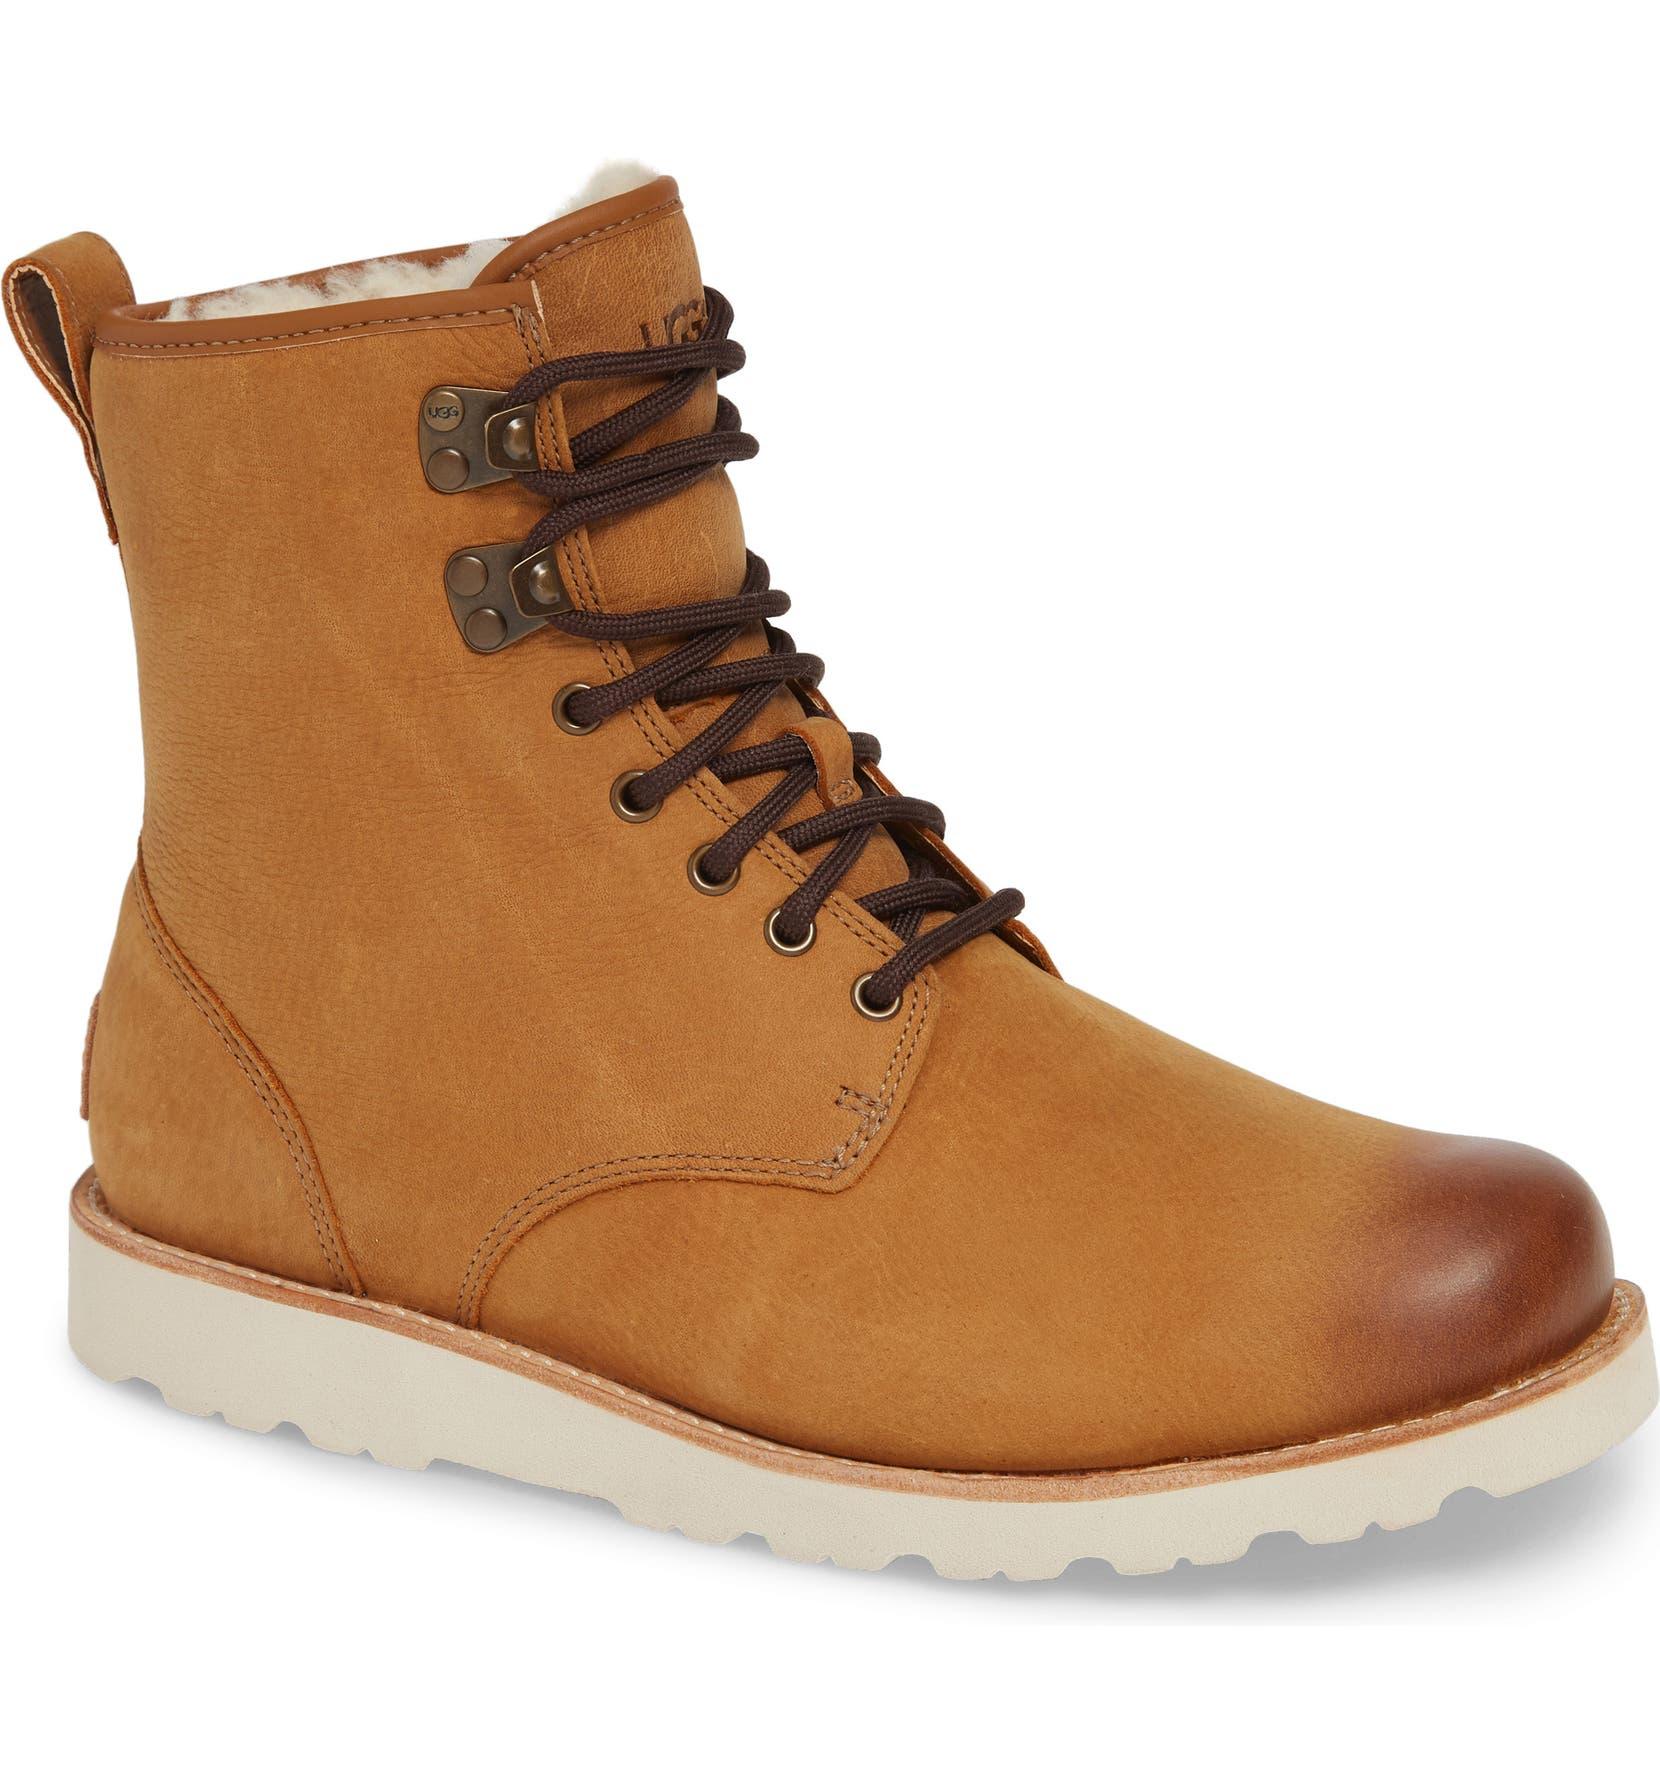 508a0c814c2 Hannen Waterproof Boot